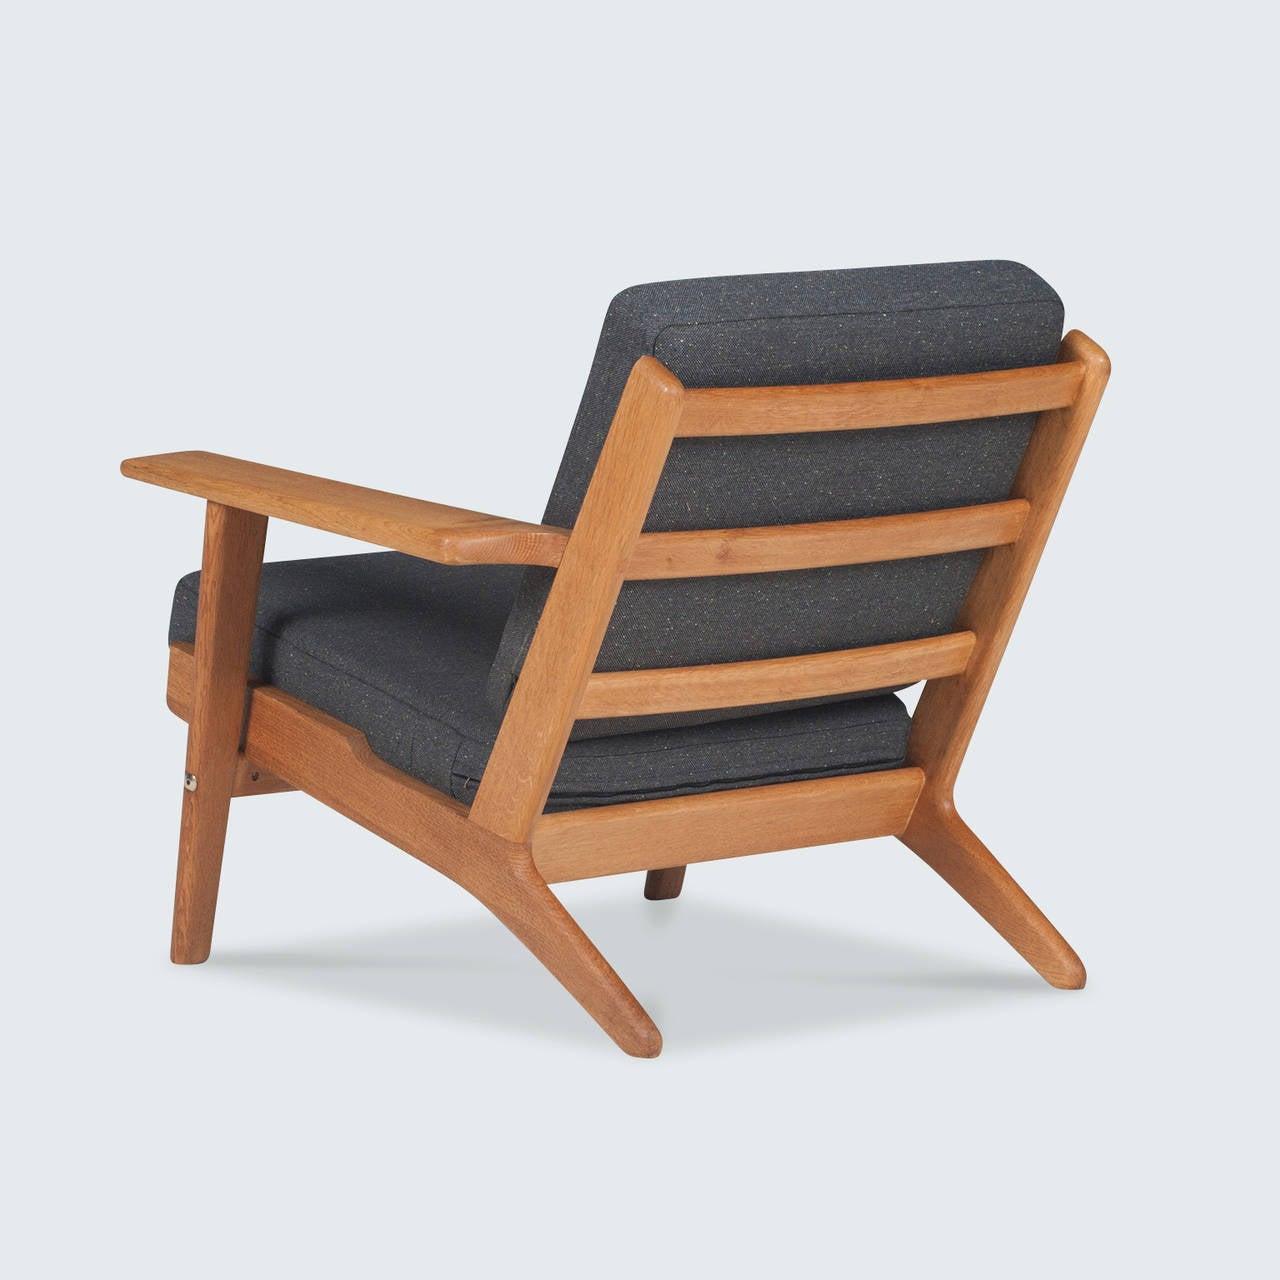 vintage danish ge 290 plank chair by hans j wegner 1959 at 1stdibs. Black Bedroom Furniture Sets. Home Design Ideas